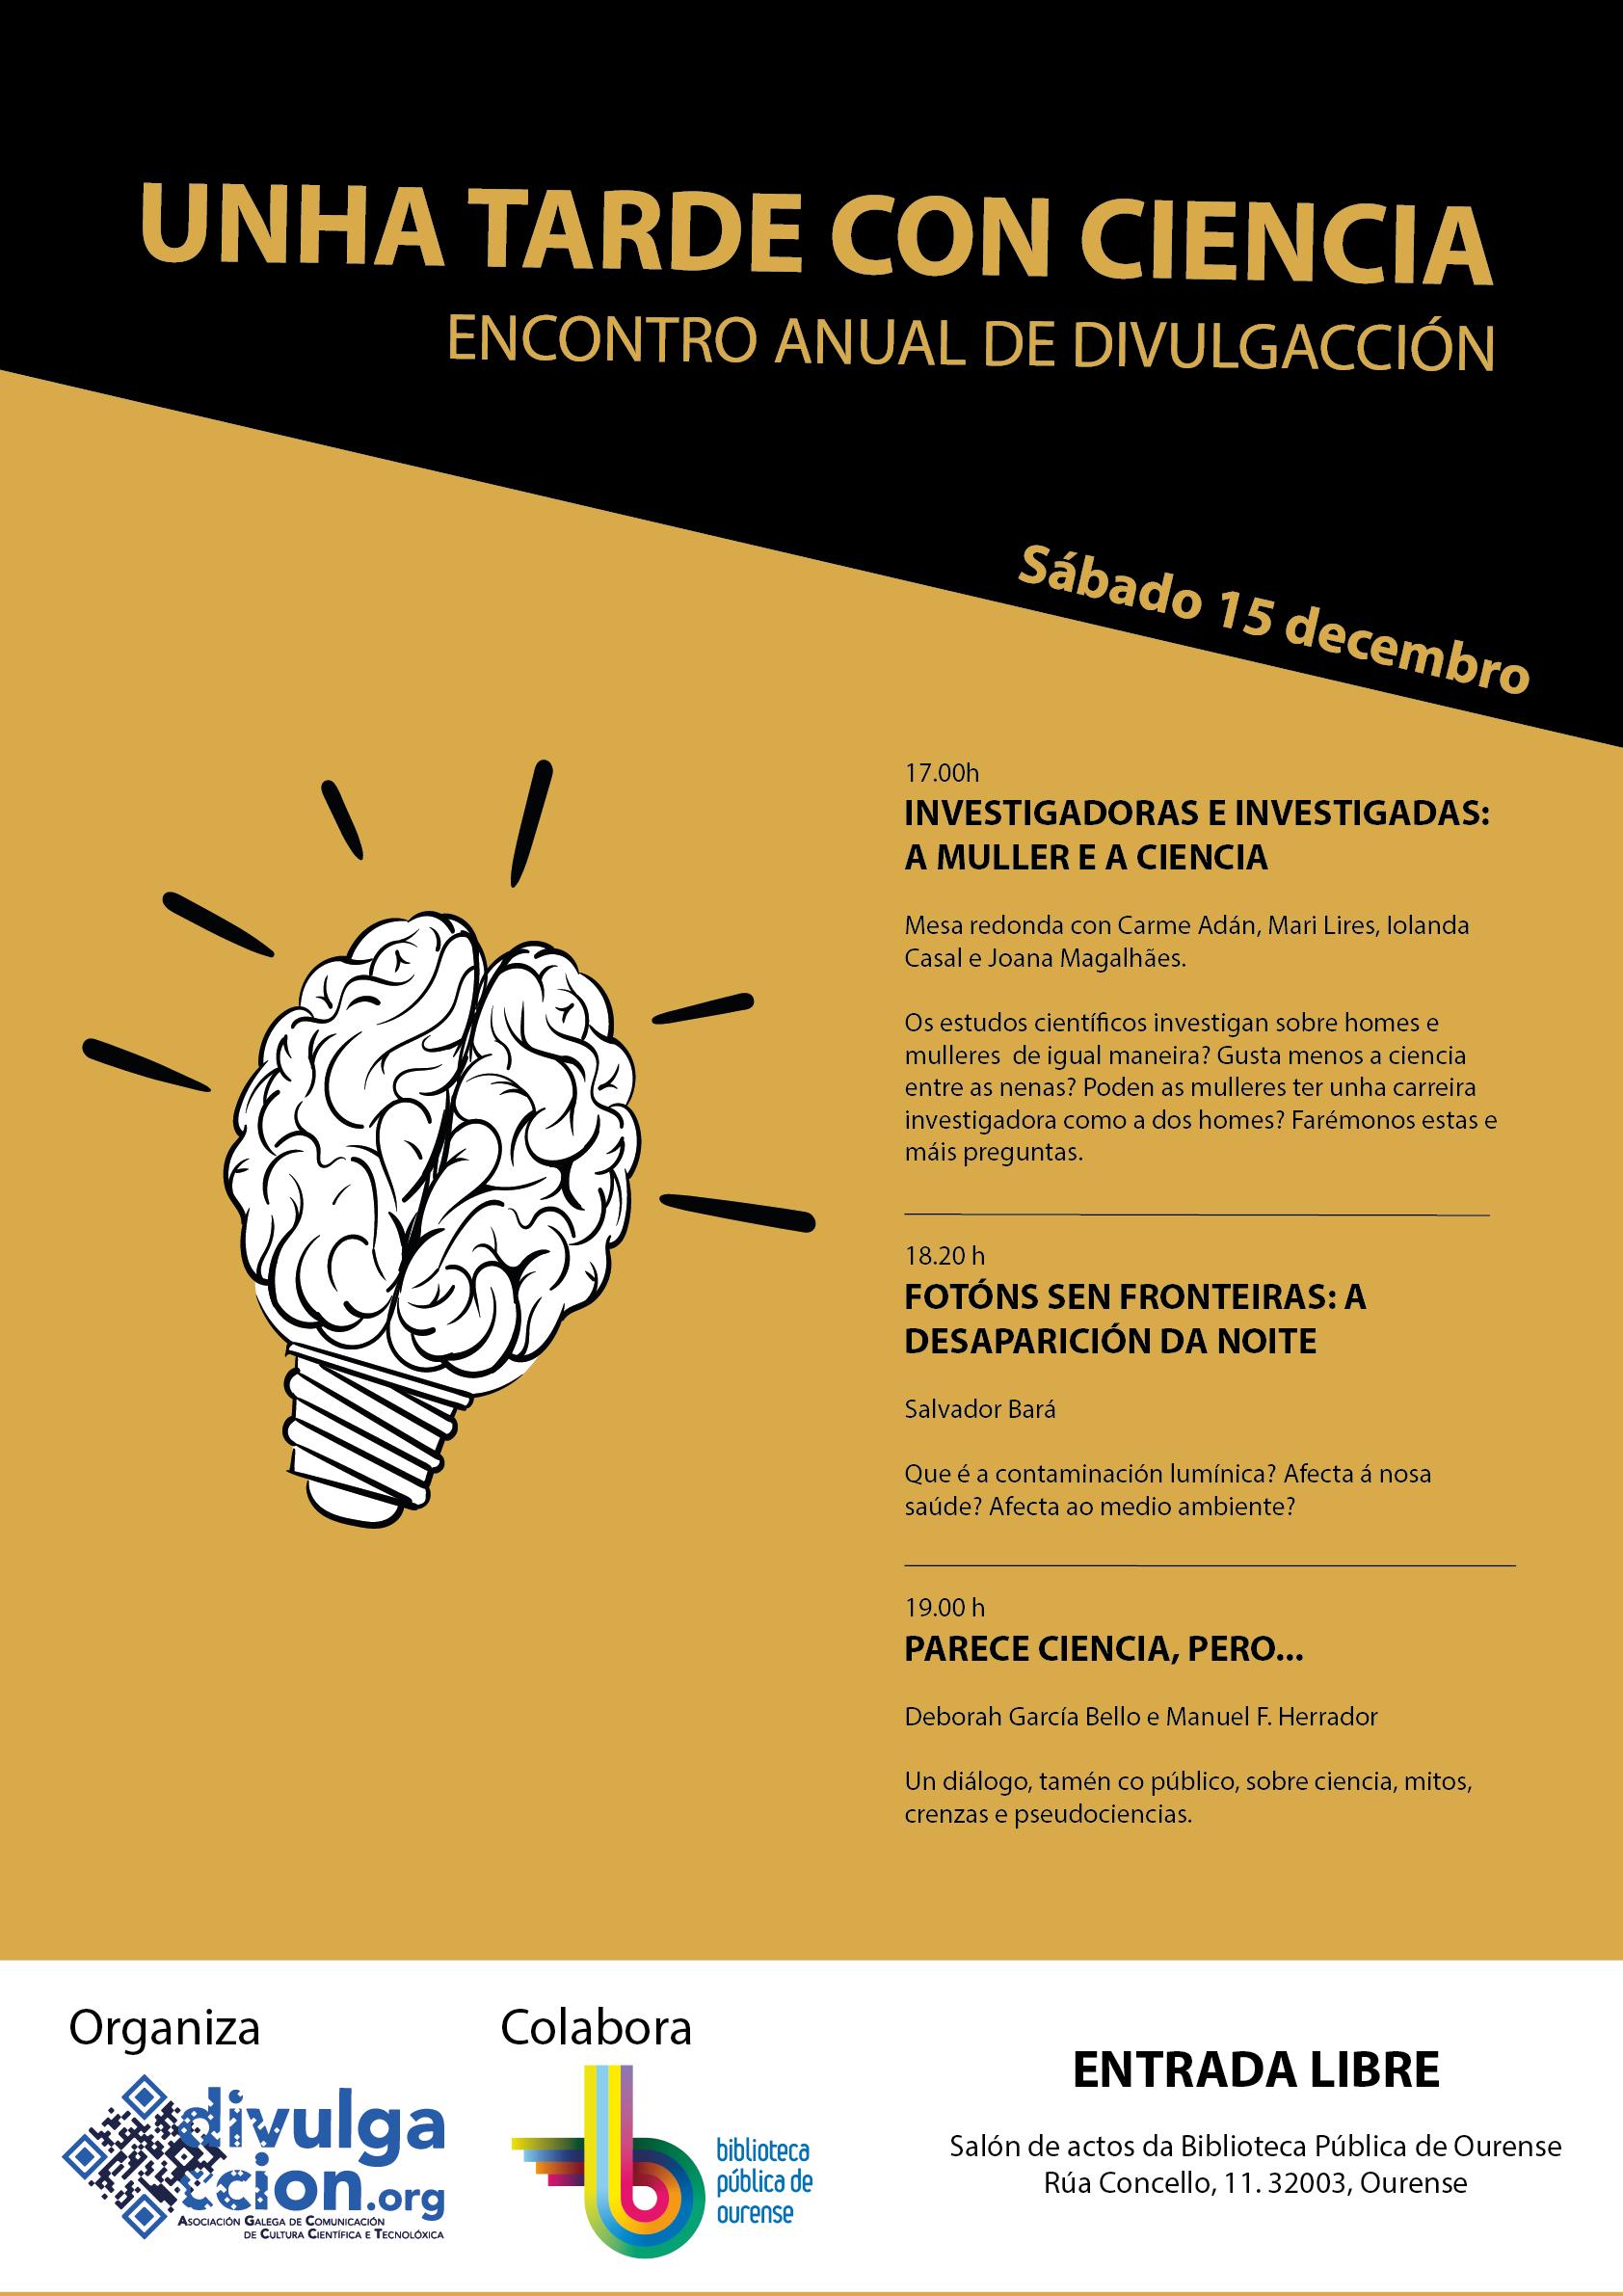 Encontro Anual de Divulgacción 2018: Vémonos en Ourense!